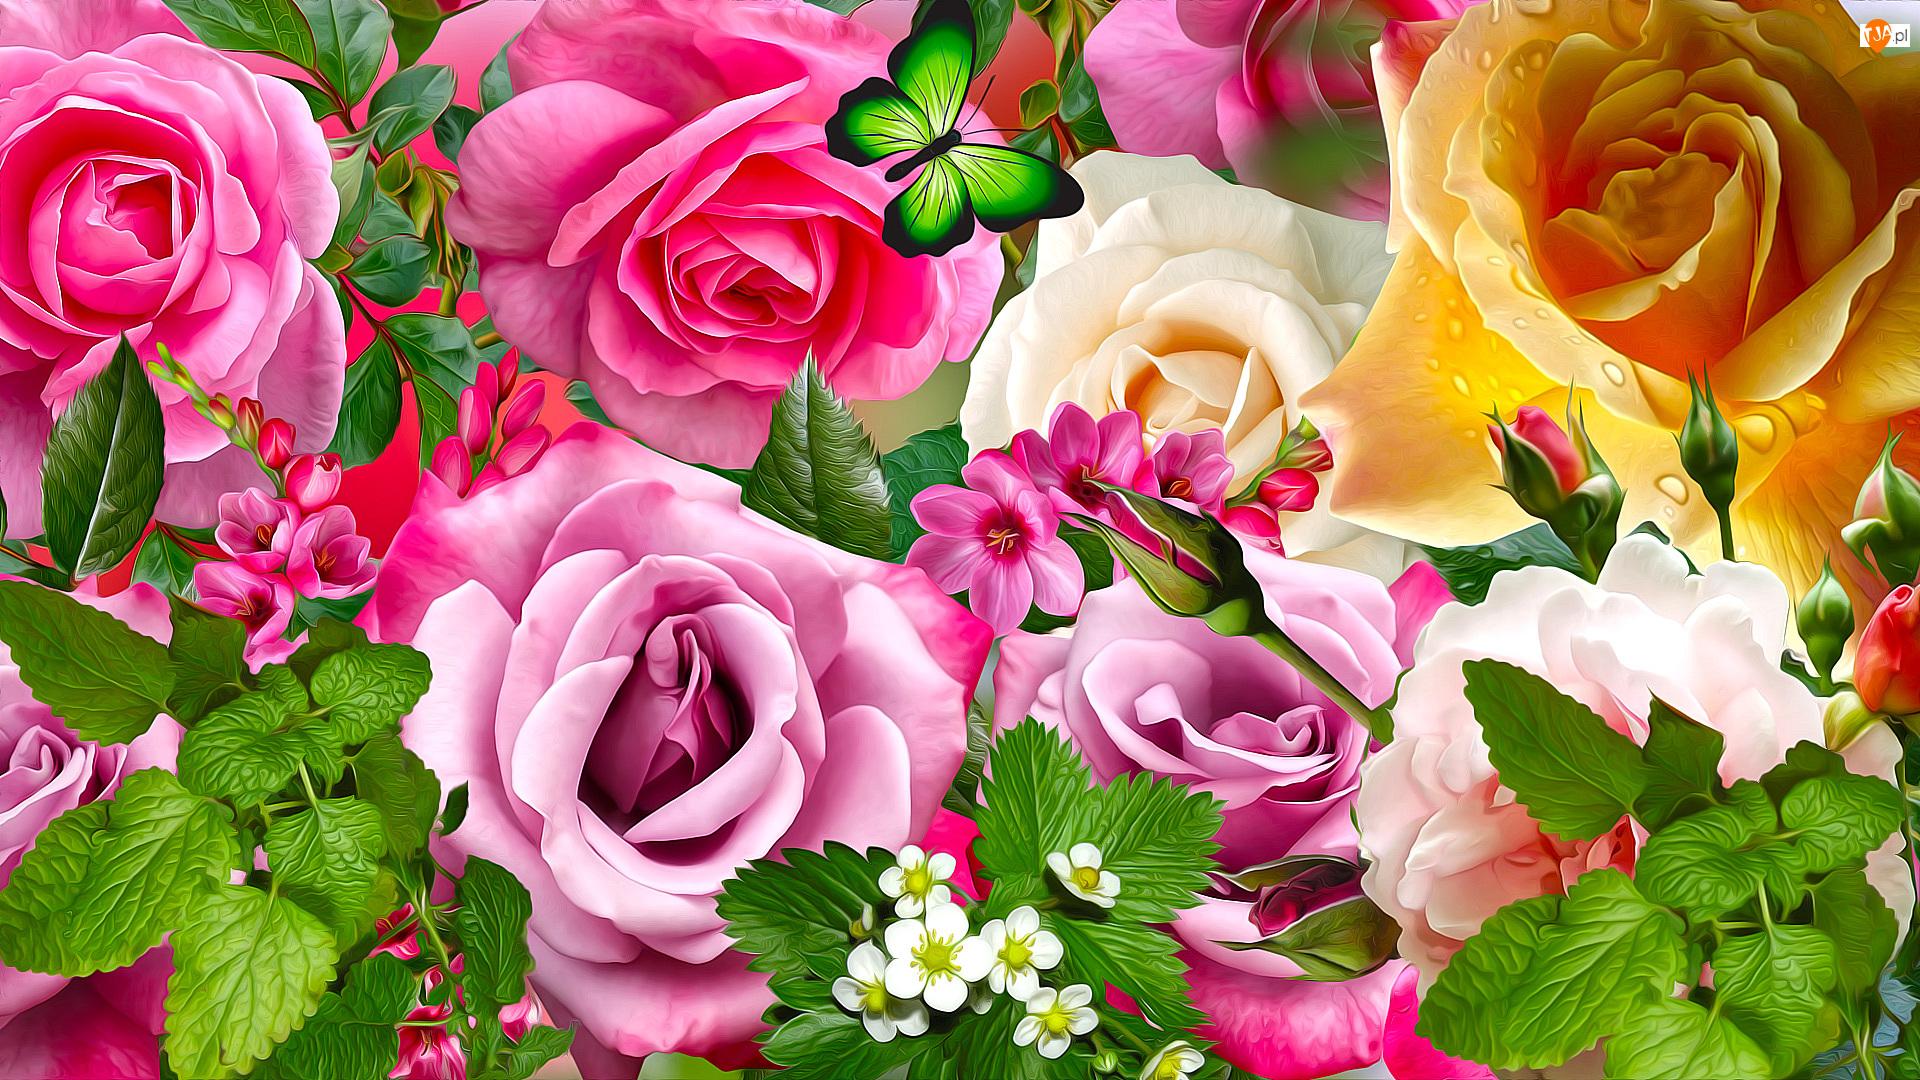 Motyl, 2D, Róże, Kwiaty, Mięta